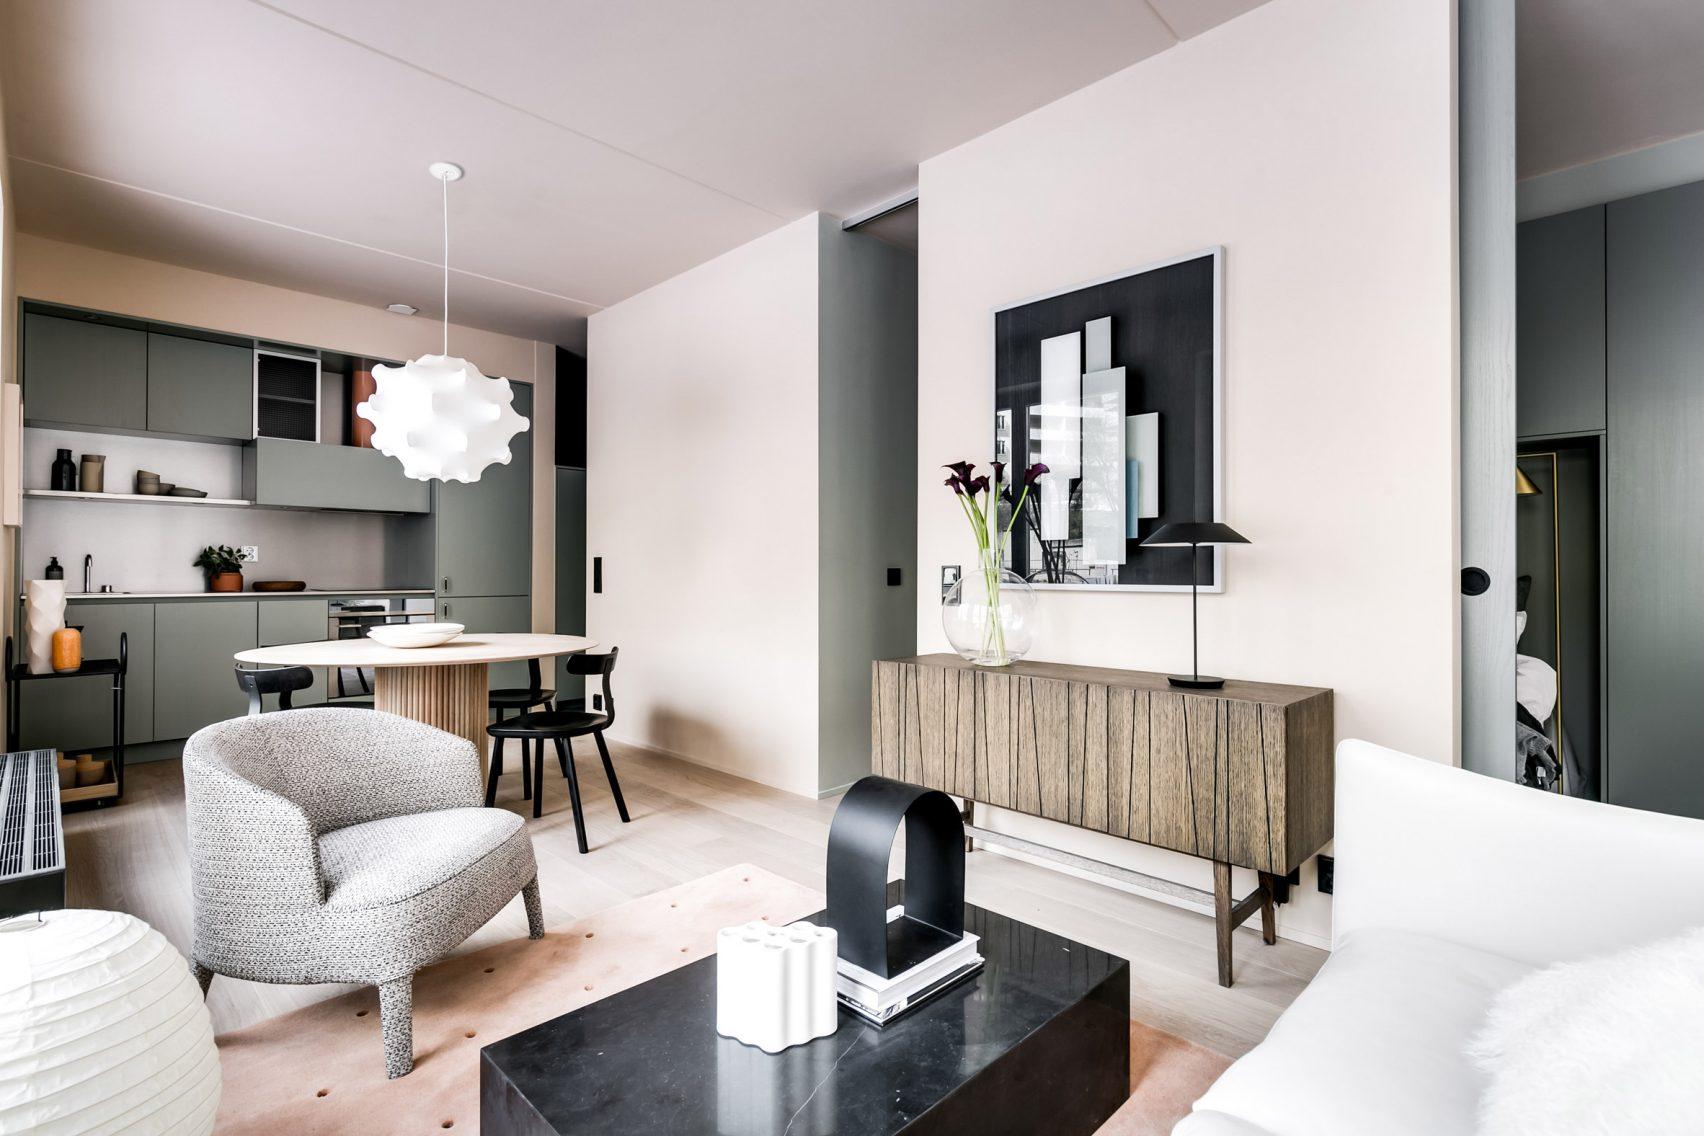 Arredare Case Piccole di 40 o 50 mq: progetti e idee per interni originali